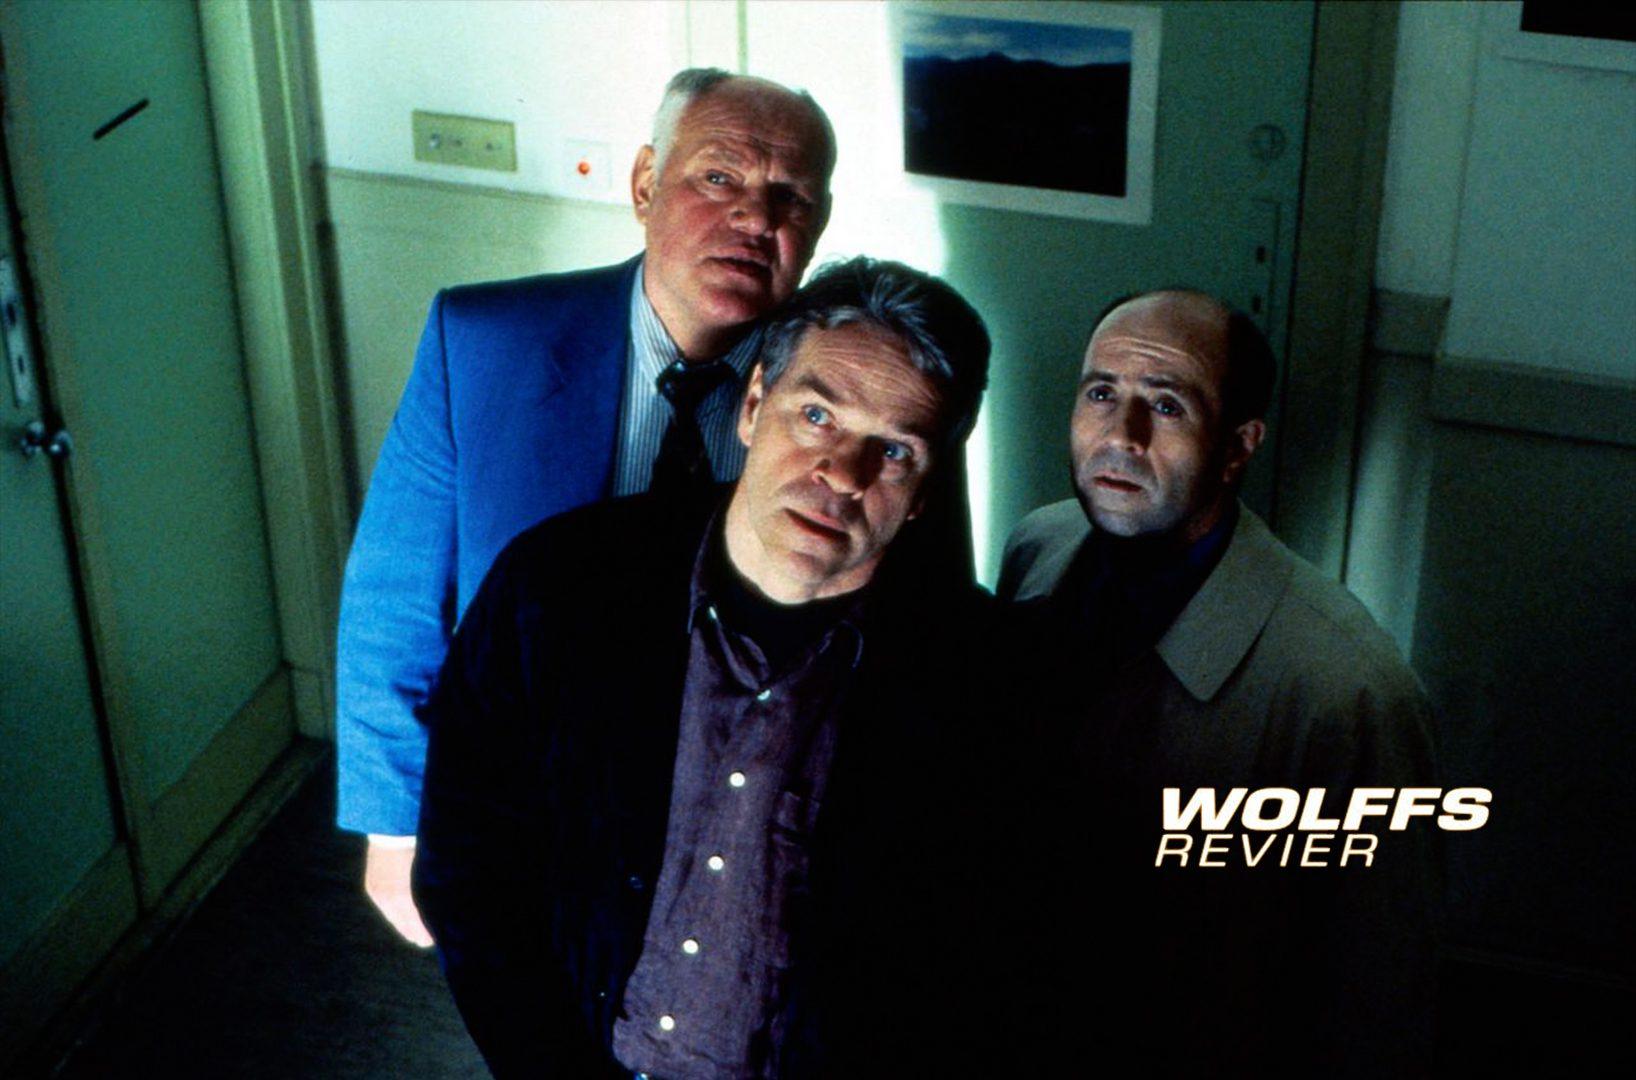 Wolffs Revier